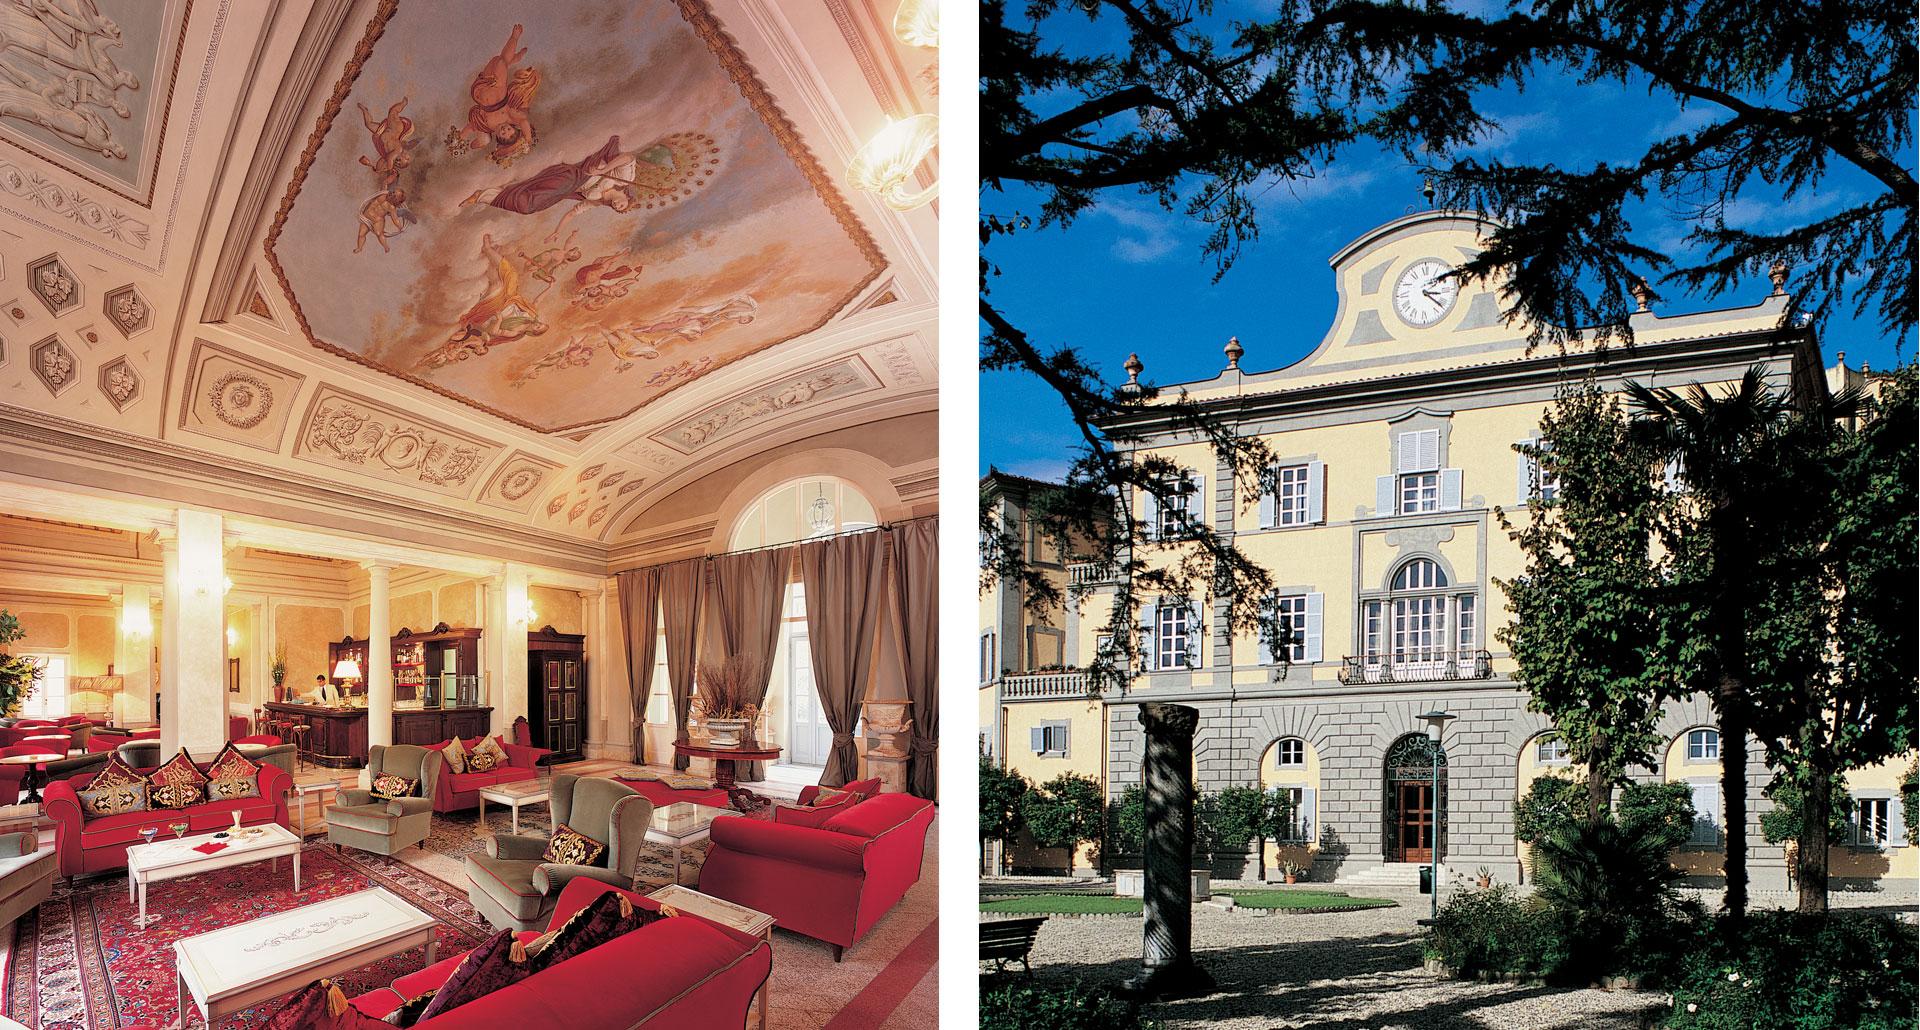 Bagni Di Pisa Palace & Spa - boutique hotel in Pise